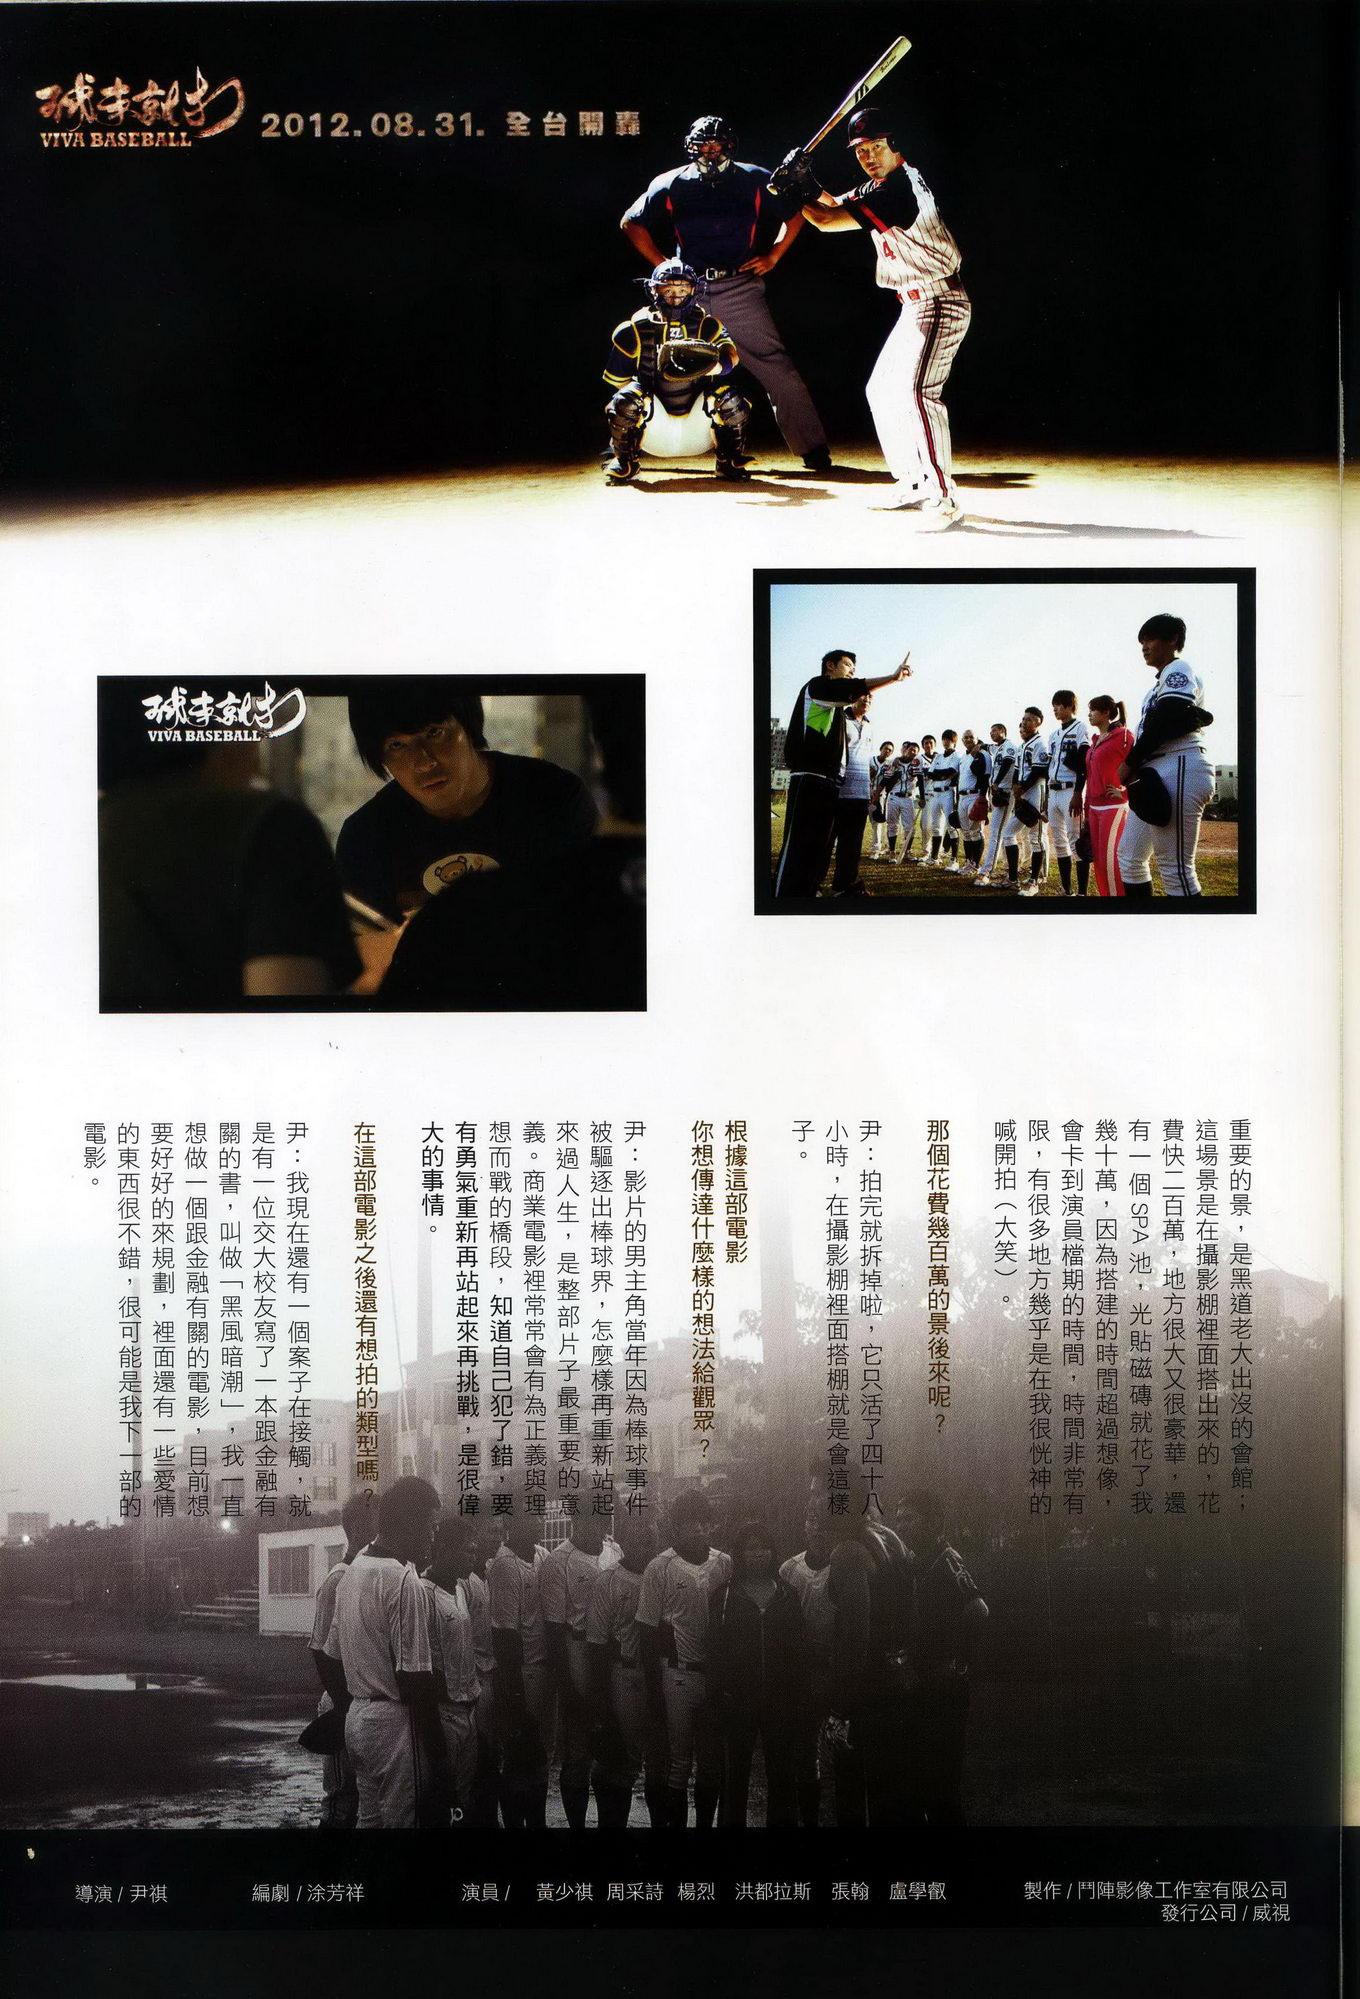 交大友聲453期2012年8月出版 P41 球來就打導演尹祺-2-s.jpg